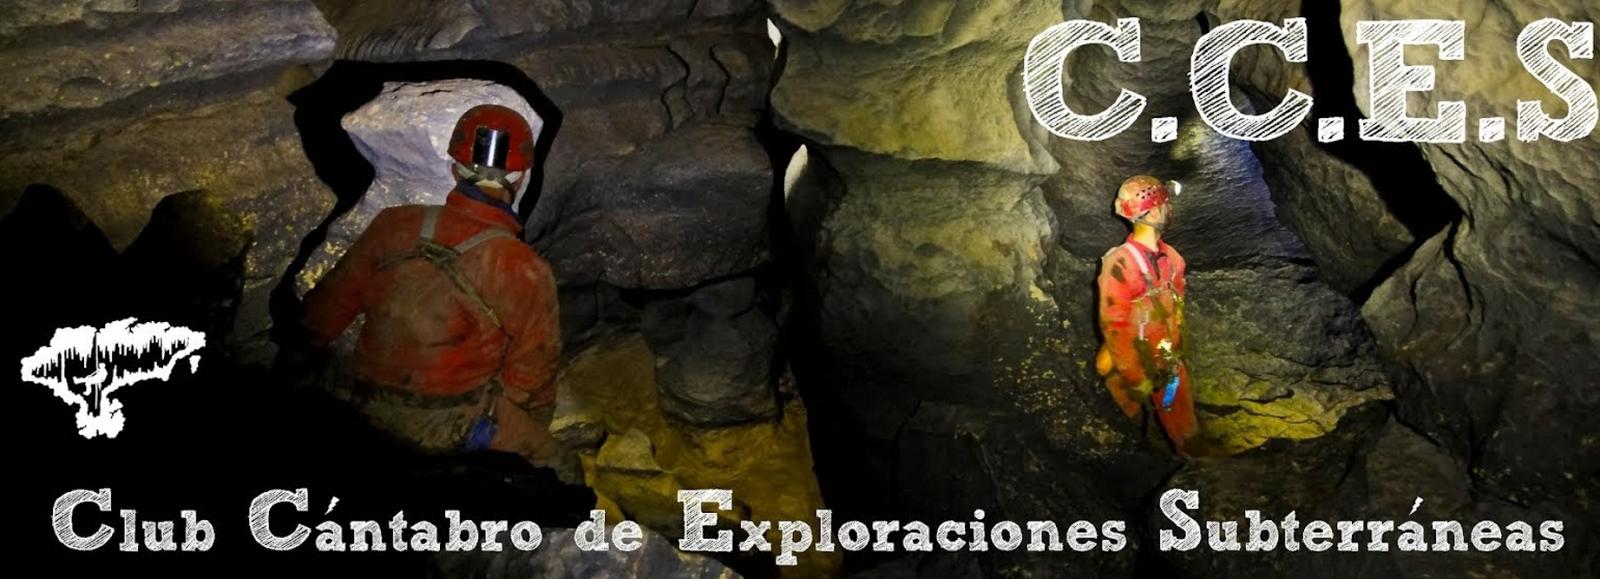 Club Cántabro Exploraciones Subterráneas